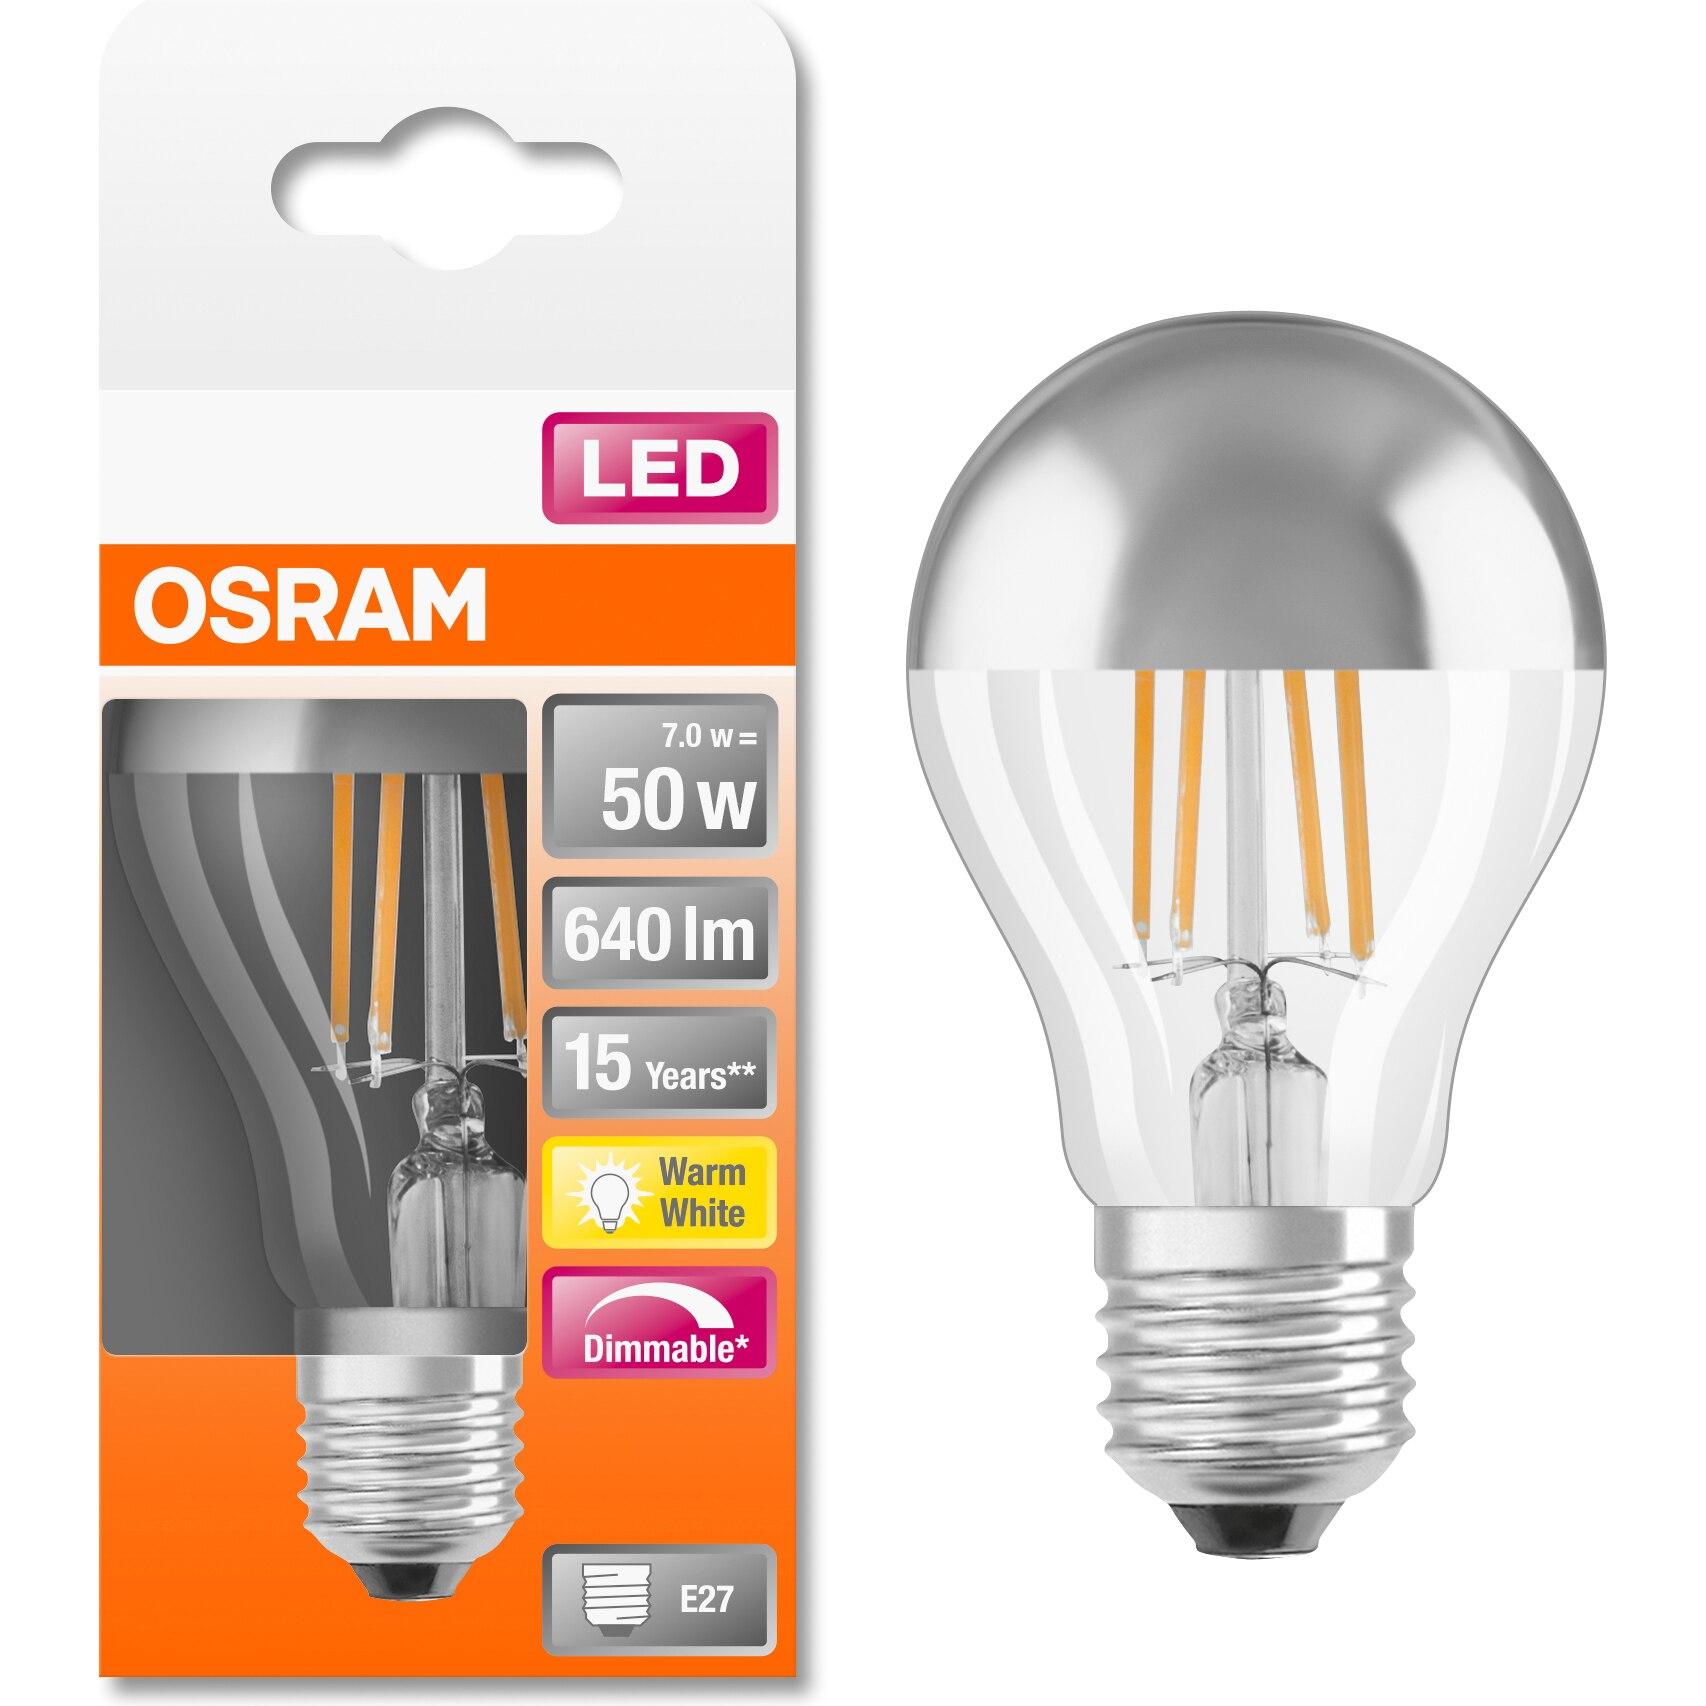 Fotografie Bec LED Osram cu oglinda pentru machiaj, filament, dimabil, A60, E27, 7W (50W), 640 lm, lumina calda (2700K), Argintiu